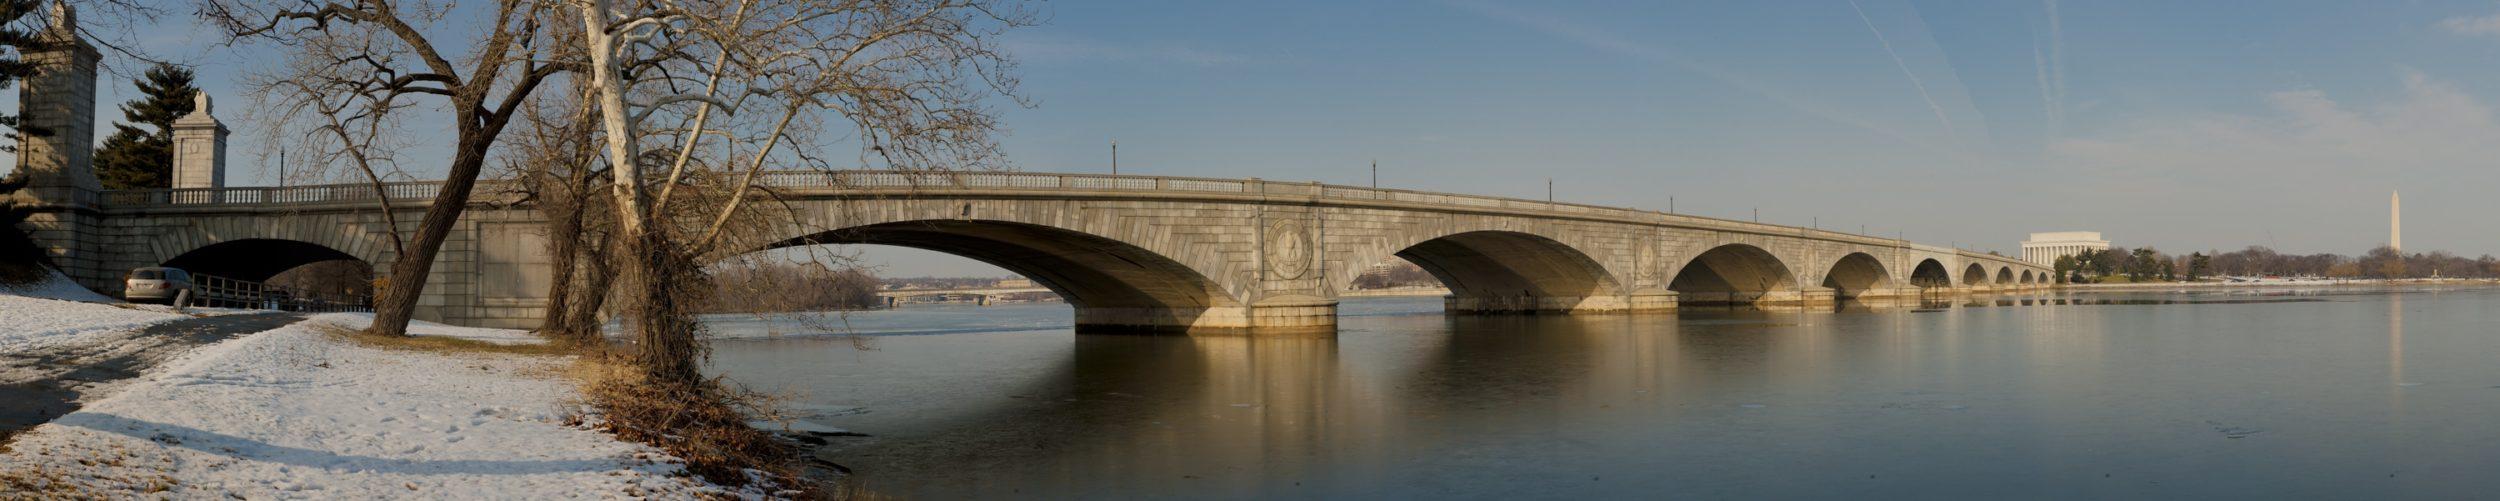 Memorial_Bridge_pano